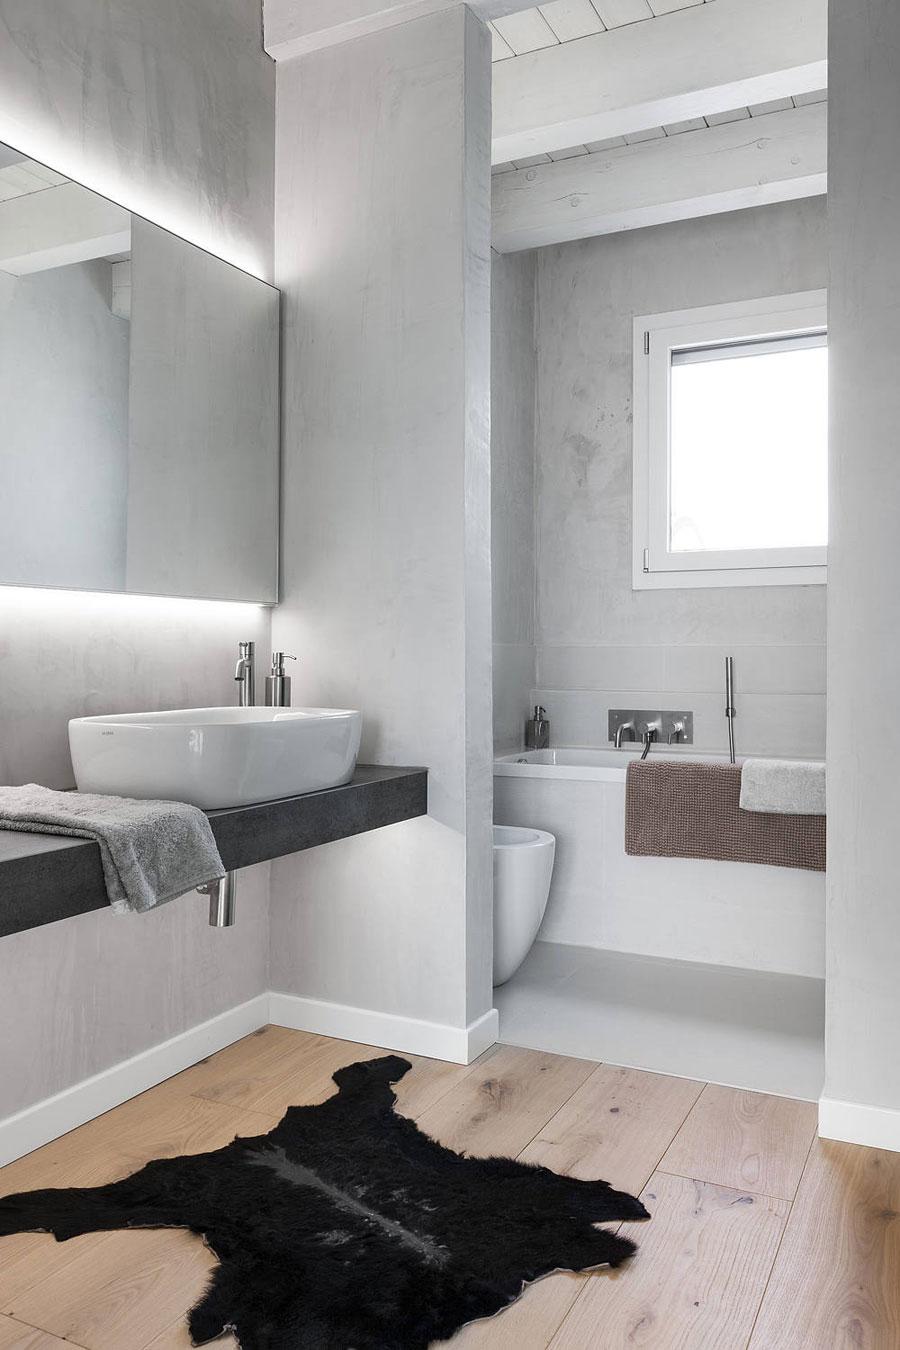 badkamers voorbeelden bad apart